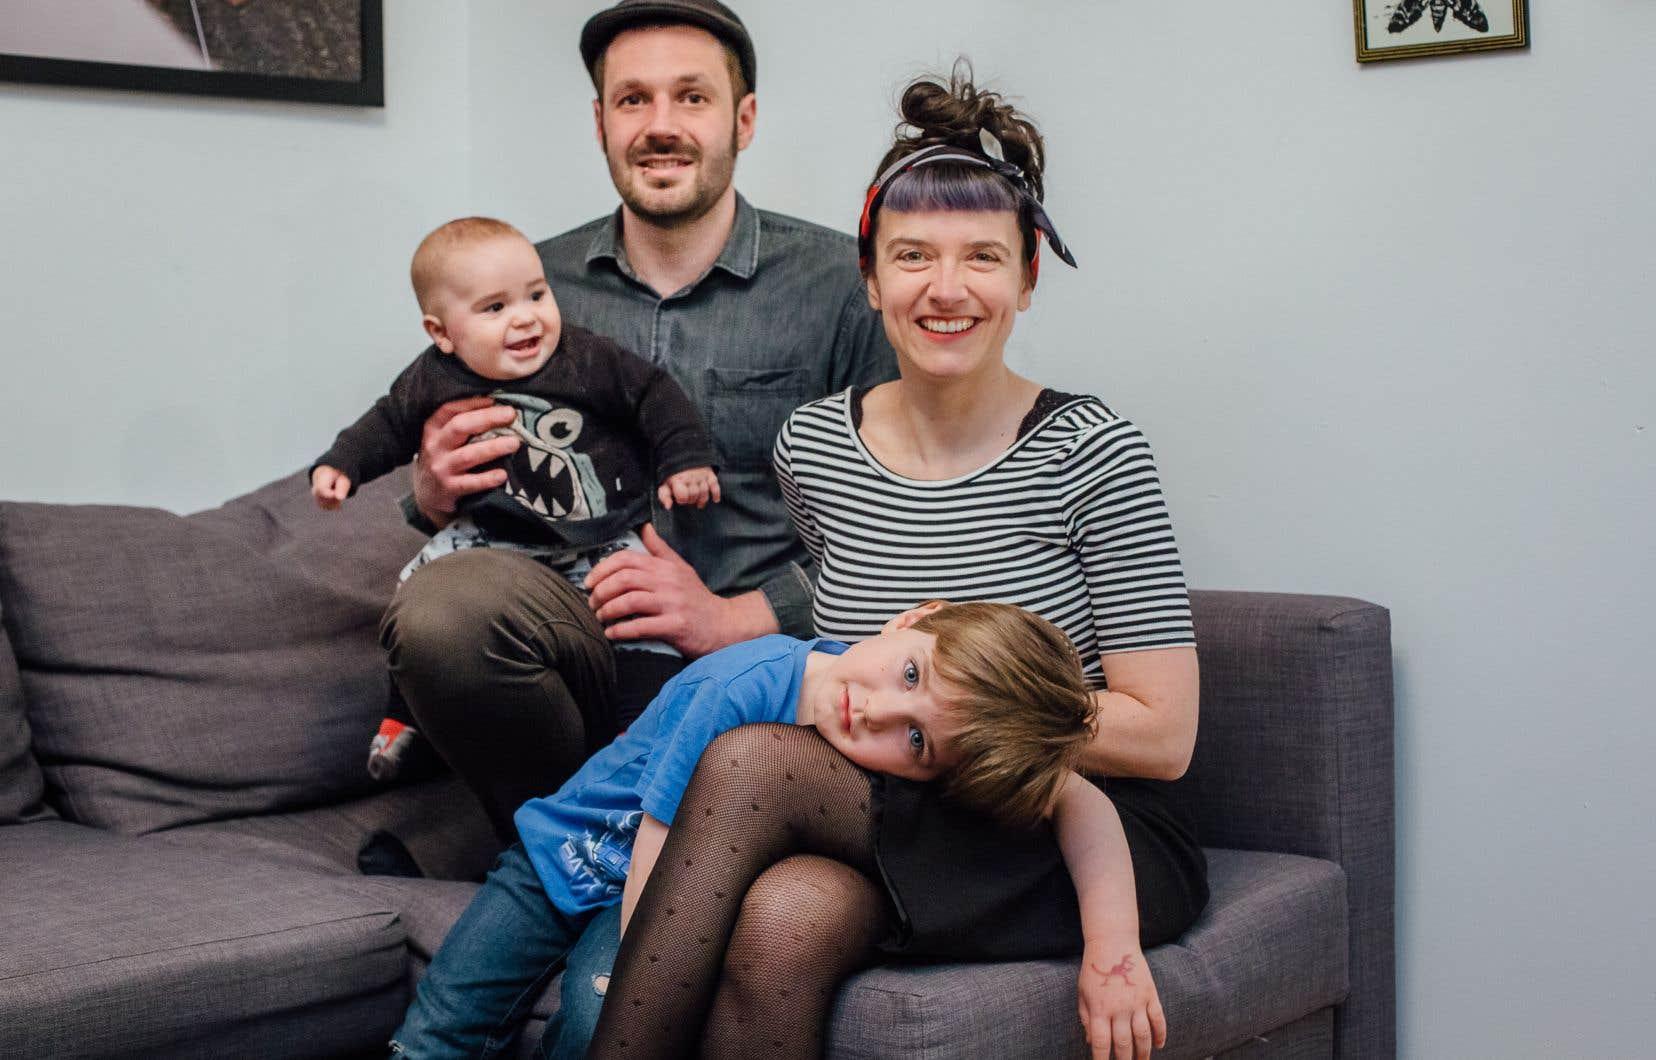 La neuropsychologue Marjolaine Masson, qui a convaincu son conjoint de venir la rejoindre au Québec en 2015, attend sa résidence permanente depuis deux ans et demi. Elle vient d'accoucher d'un deuxième enfant né dans la province.